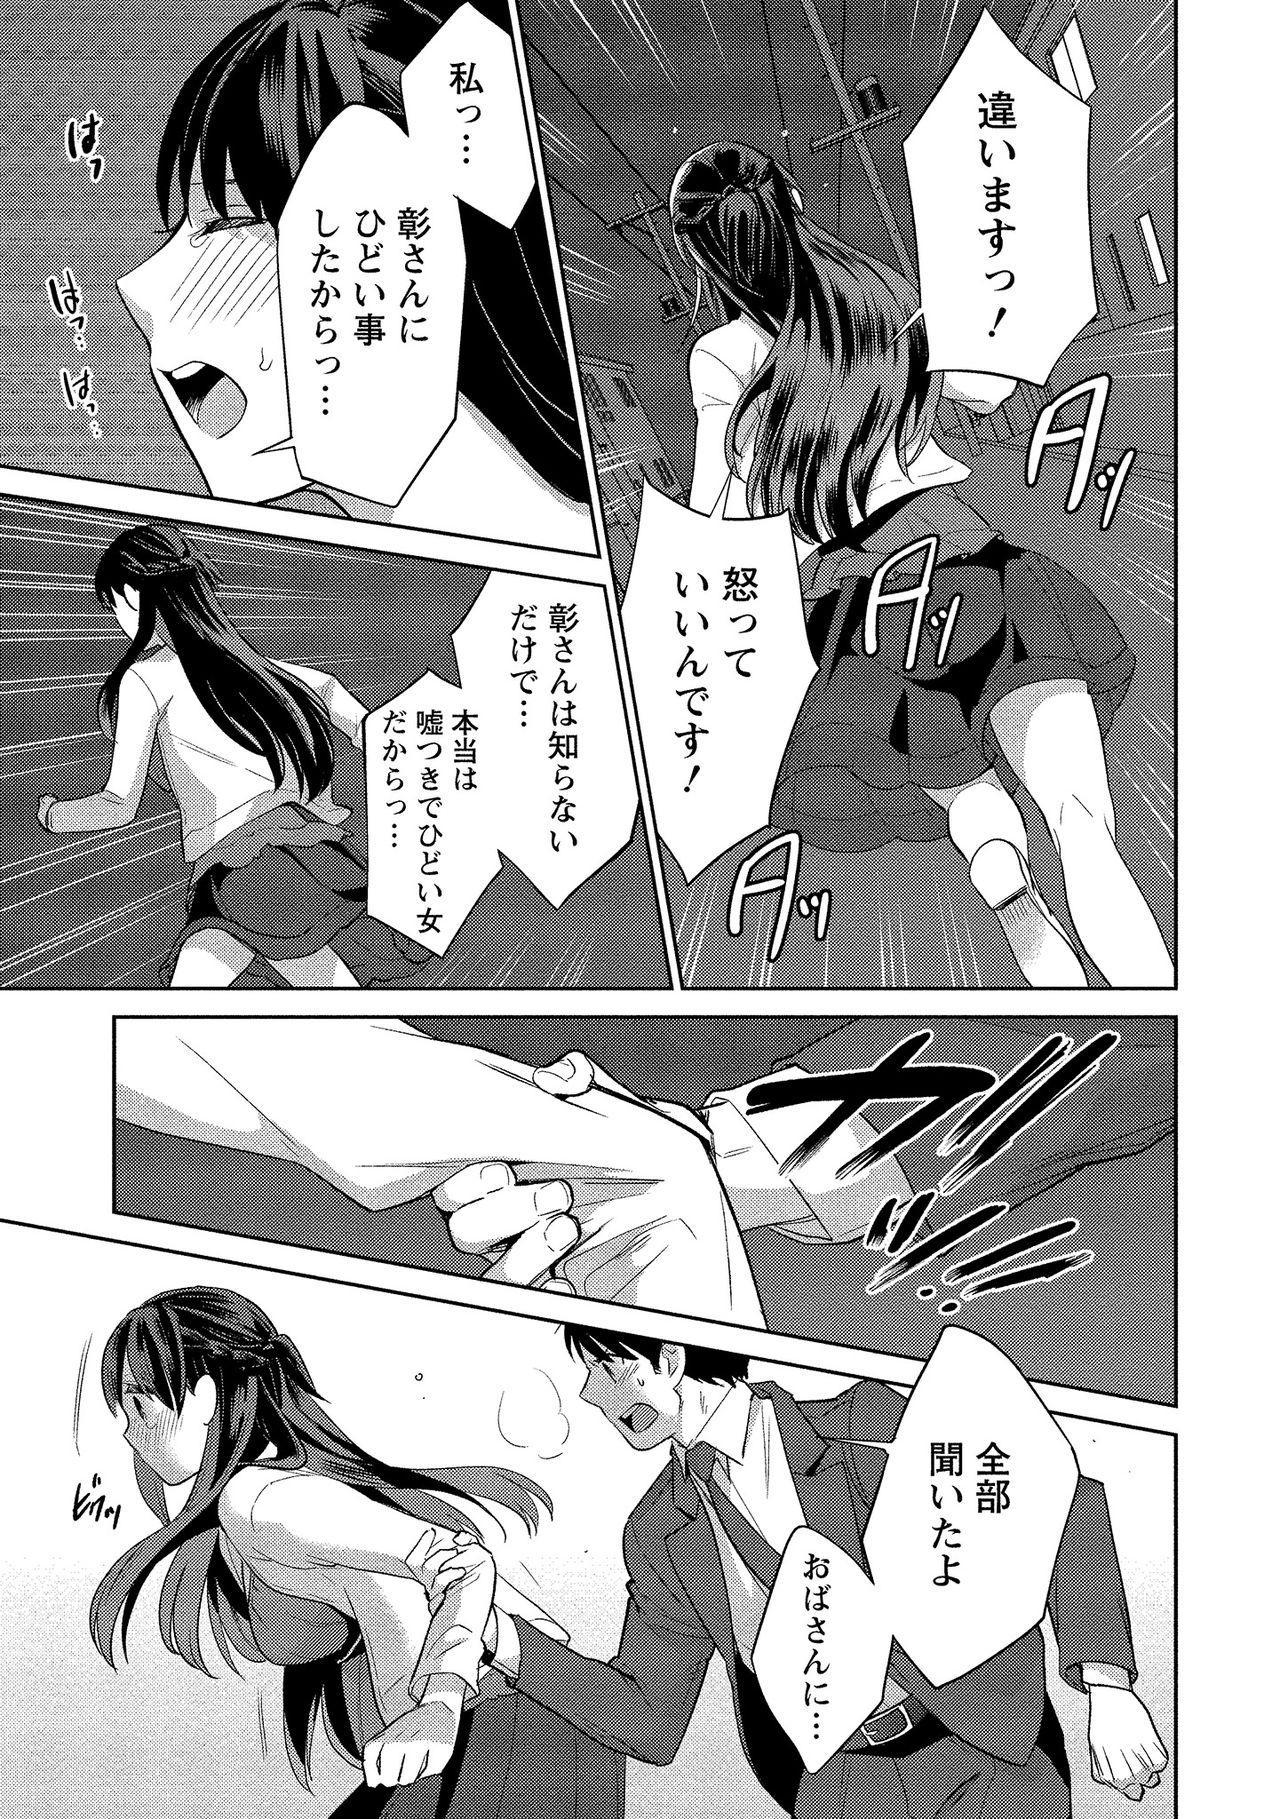 Dorobou Neko wa Kanojo no Hajimari 207